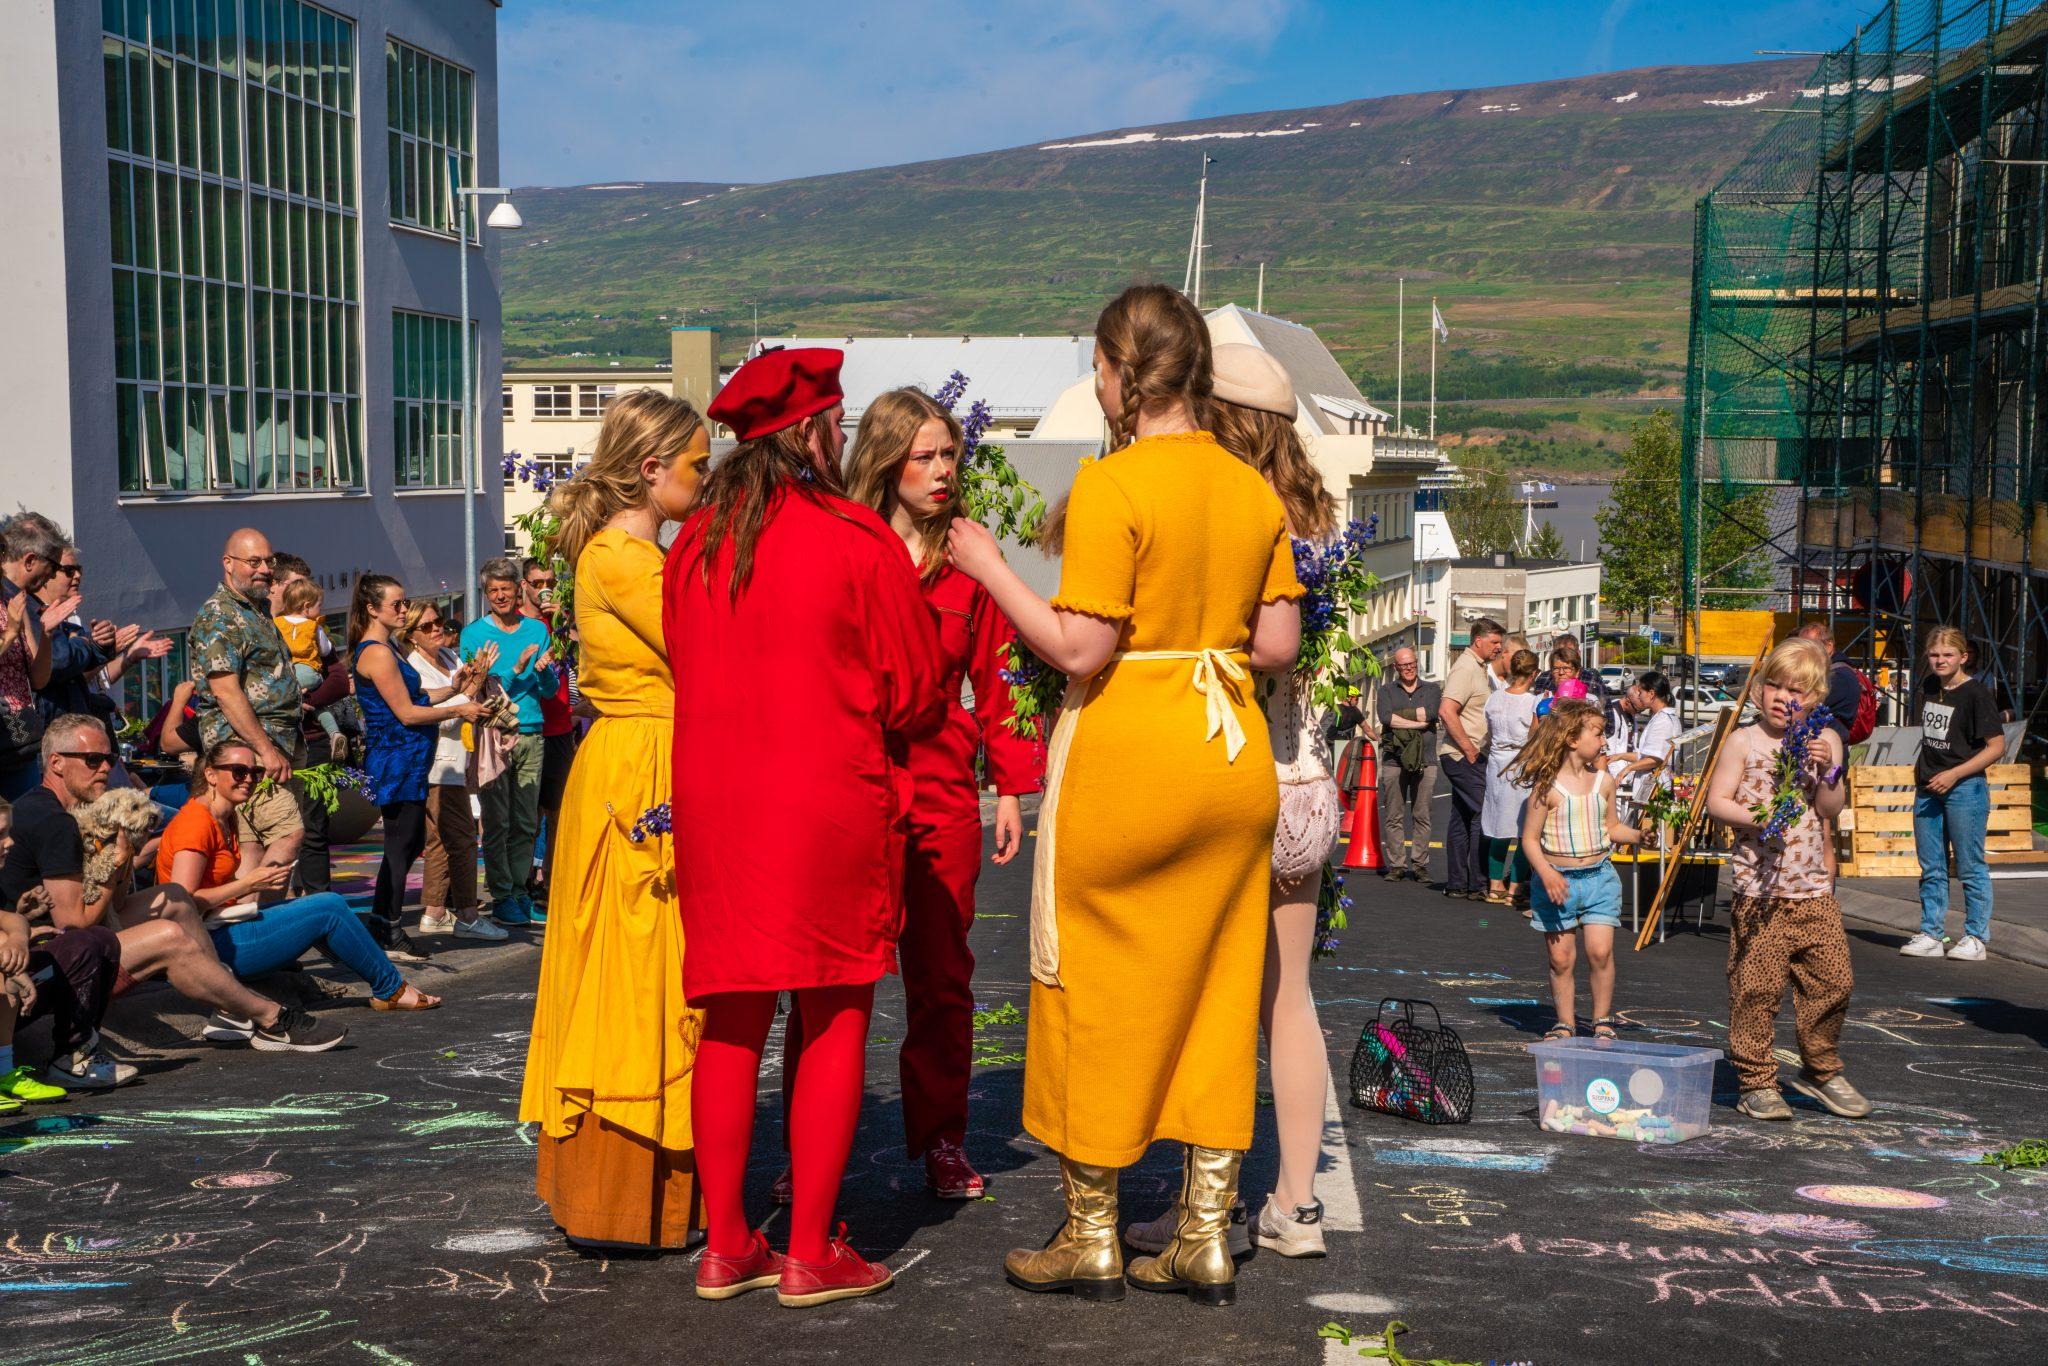 Hátíð sem kemur skemmtilega á óvart og minnir á mikilvægi menningarviðburða